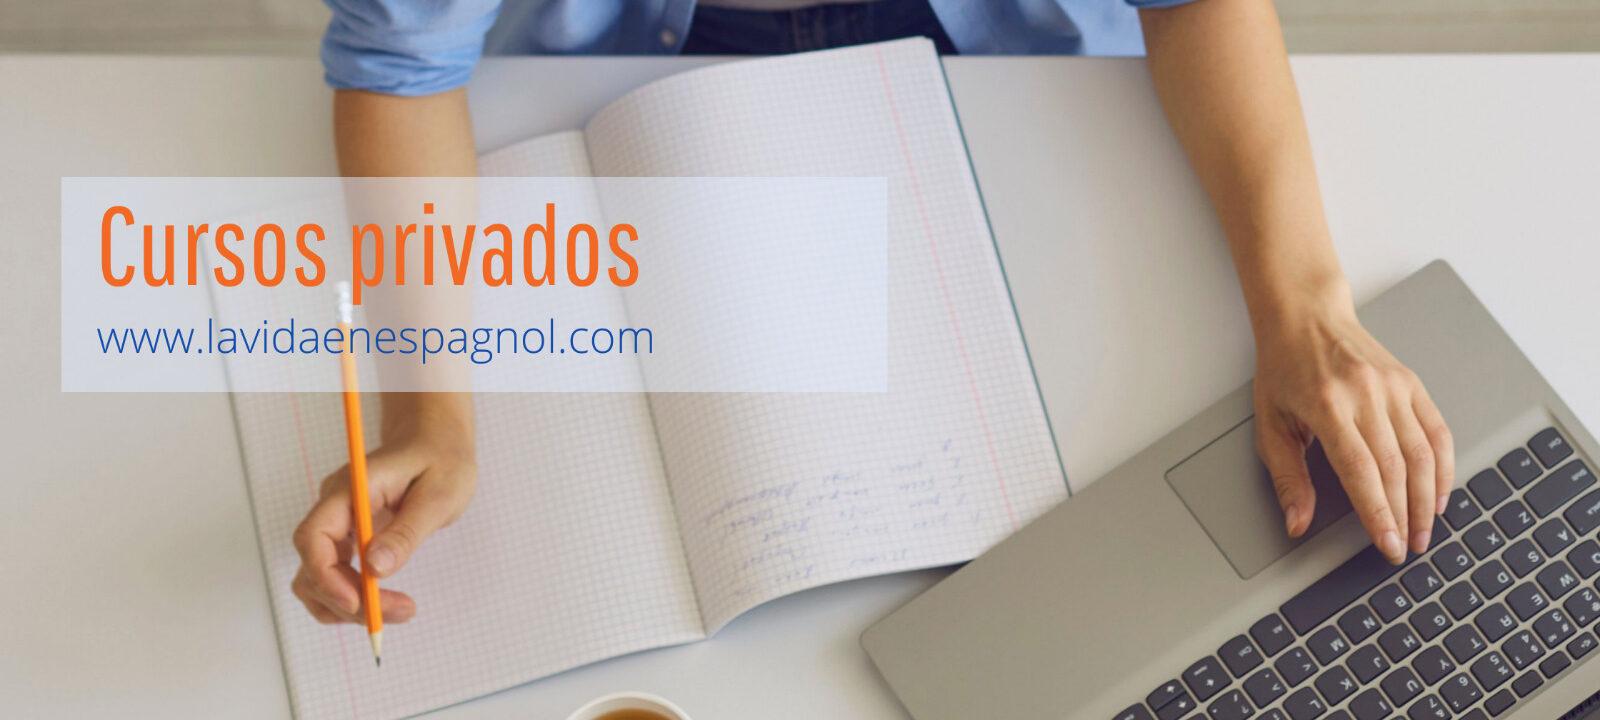 Cursos privados español en línea